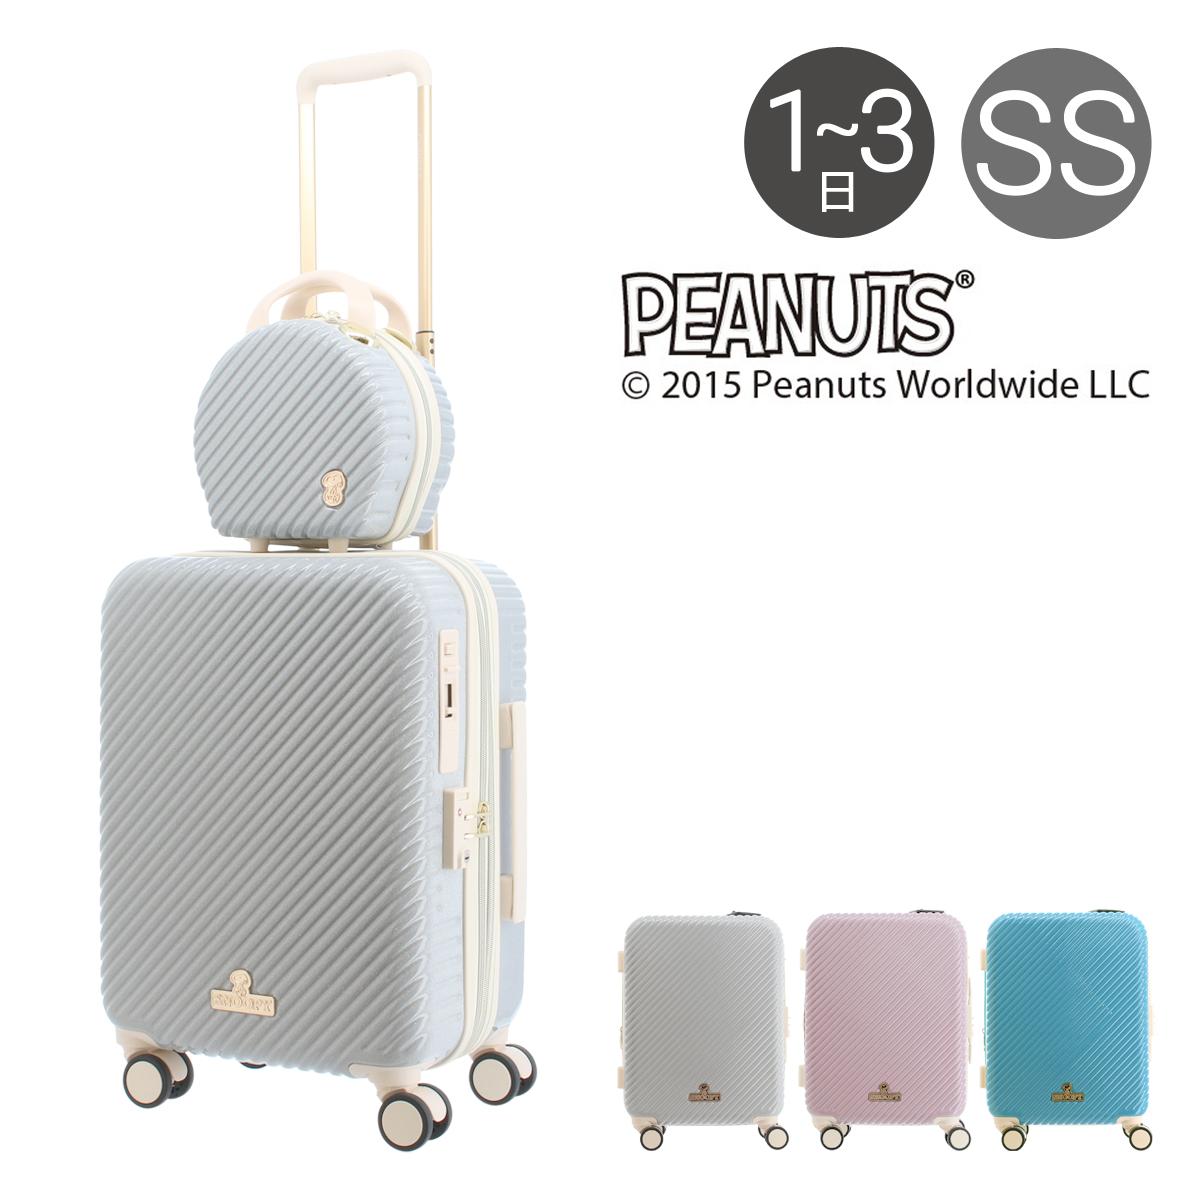 送料無料 あす楽 スーパーセール期間限定 ピーナッツ スーツケース 39L 46cm 3.4kg PN-028 PEANUTS ハード bef キャラクター キャリーケース エキスパンダブル 大幅値下げランキング ファスナー スヌーピー 即日発送 拡張 TSAロック搭載